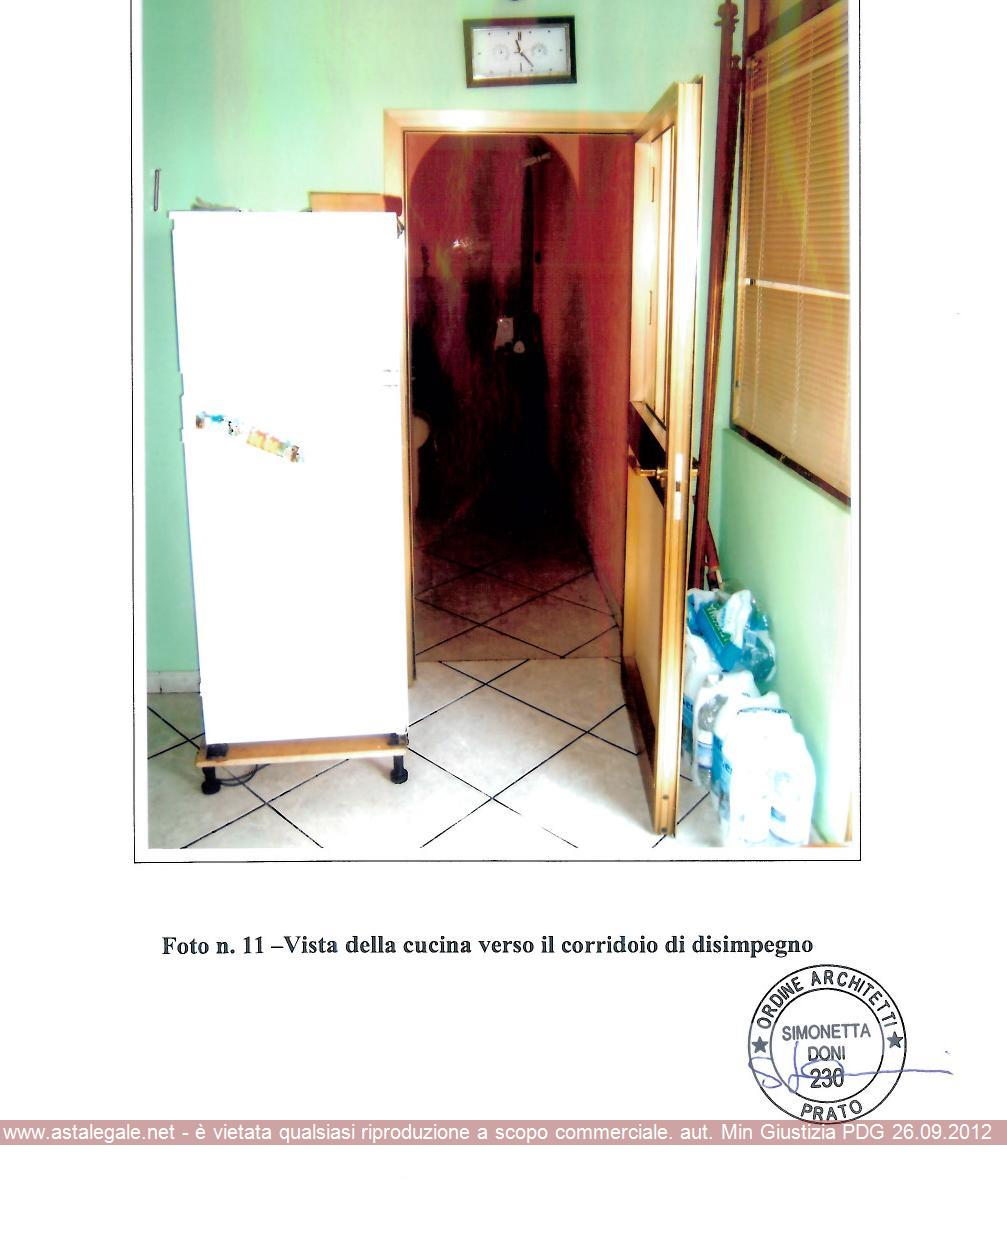 Bilocale Prato Localita' Chiesanuova - Via Isarco 56 4